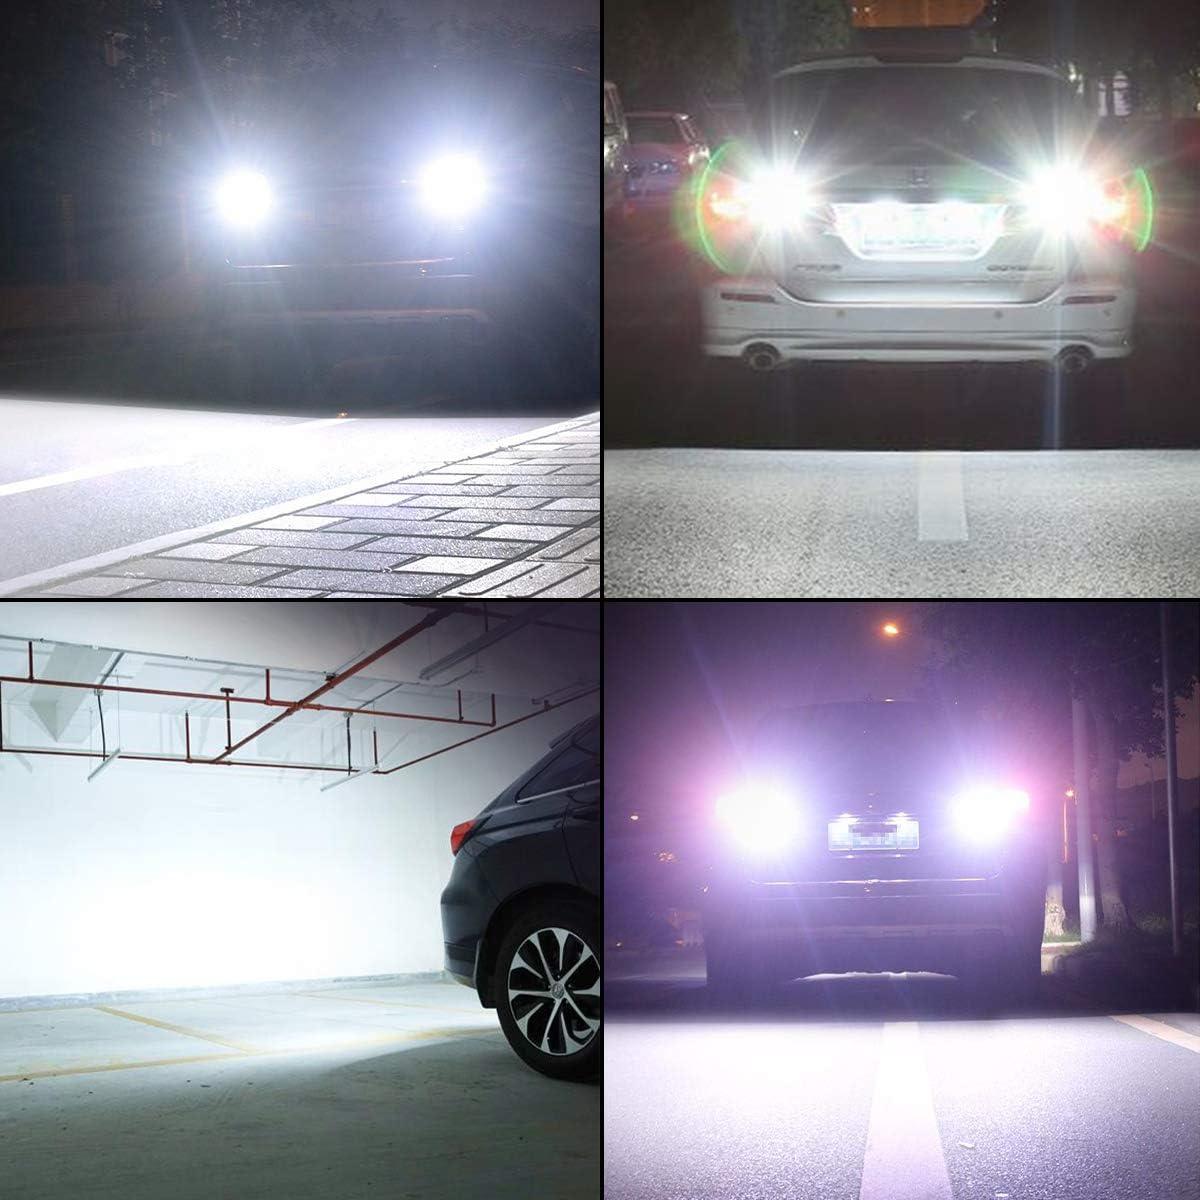 3156 3057 4114 4157 3056 LED Light Bulbs White 3157 LED Reverse Light Bulb 1800 Lumens 3157 LED Car Bulb for Backup Reverse Lights Tail Signal Daytime Running Parking Light 6000K White 3157 LED Bulbs